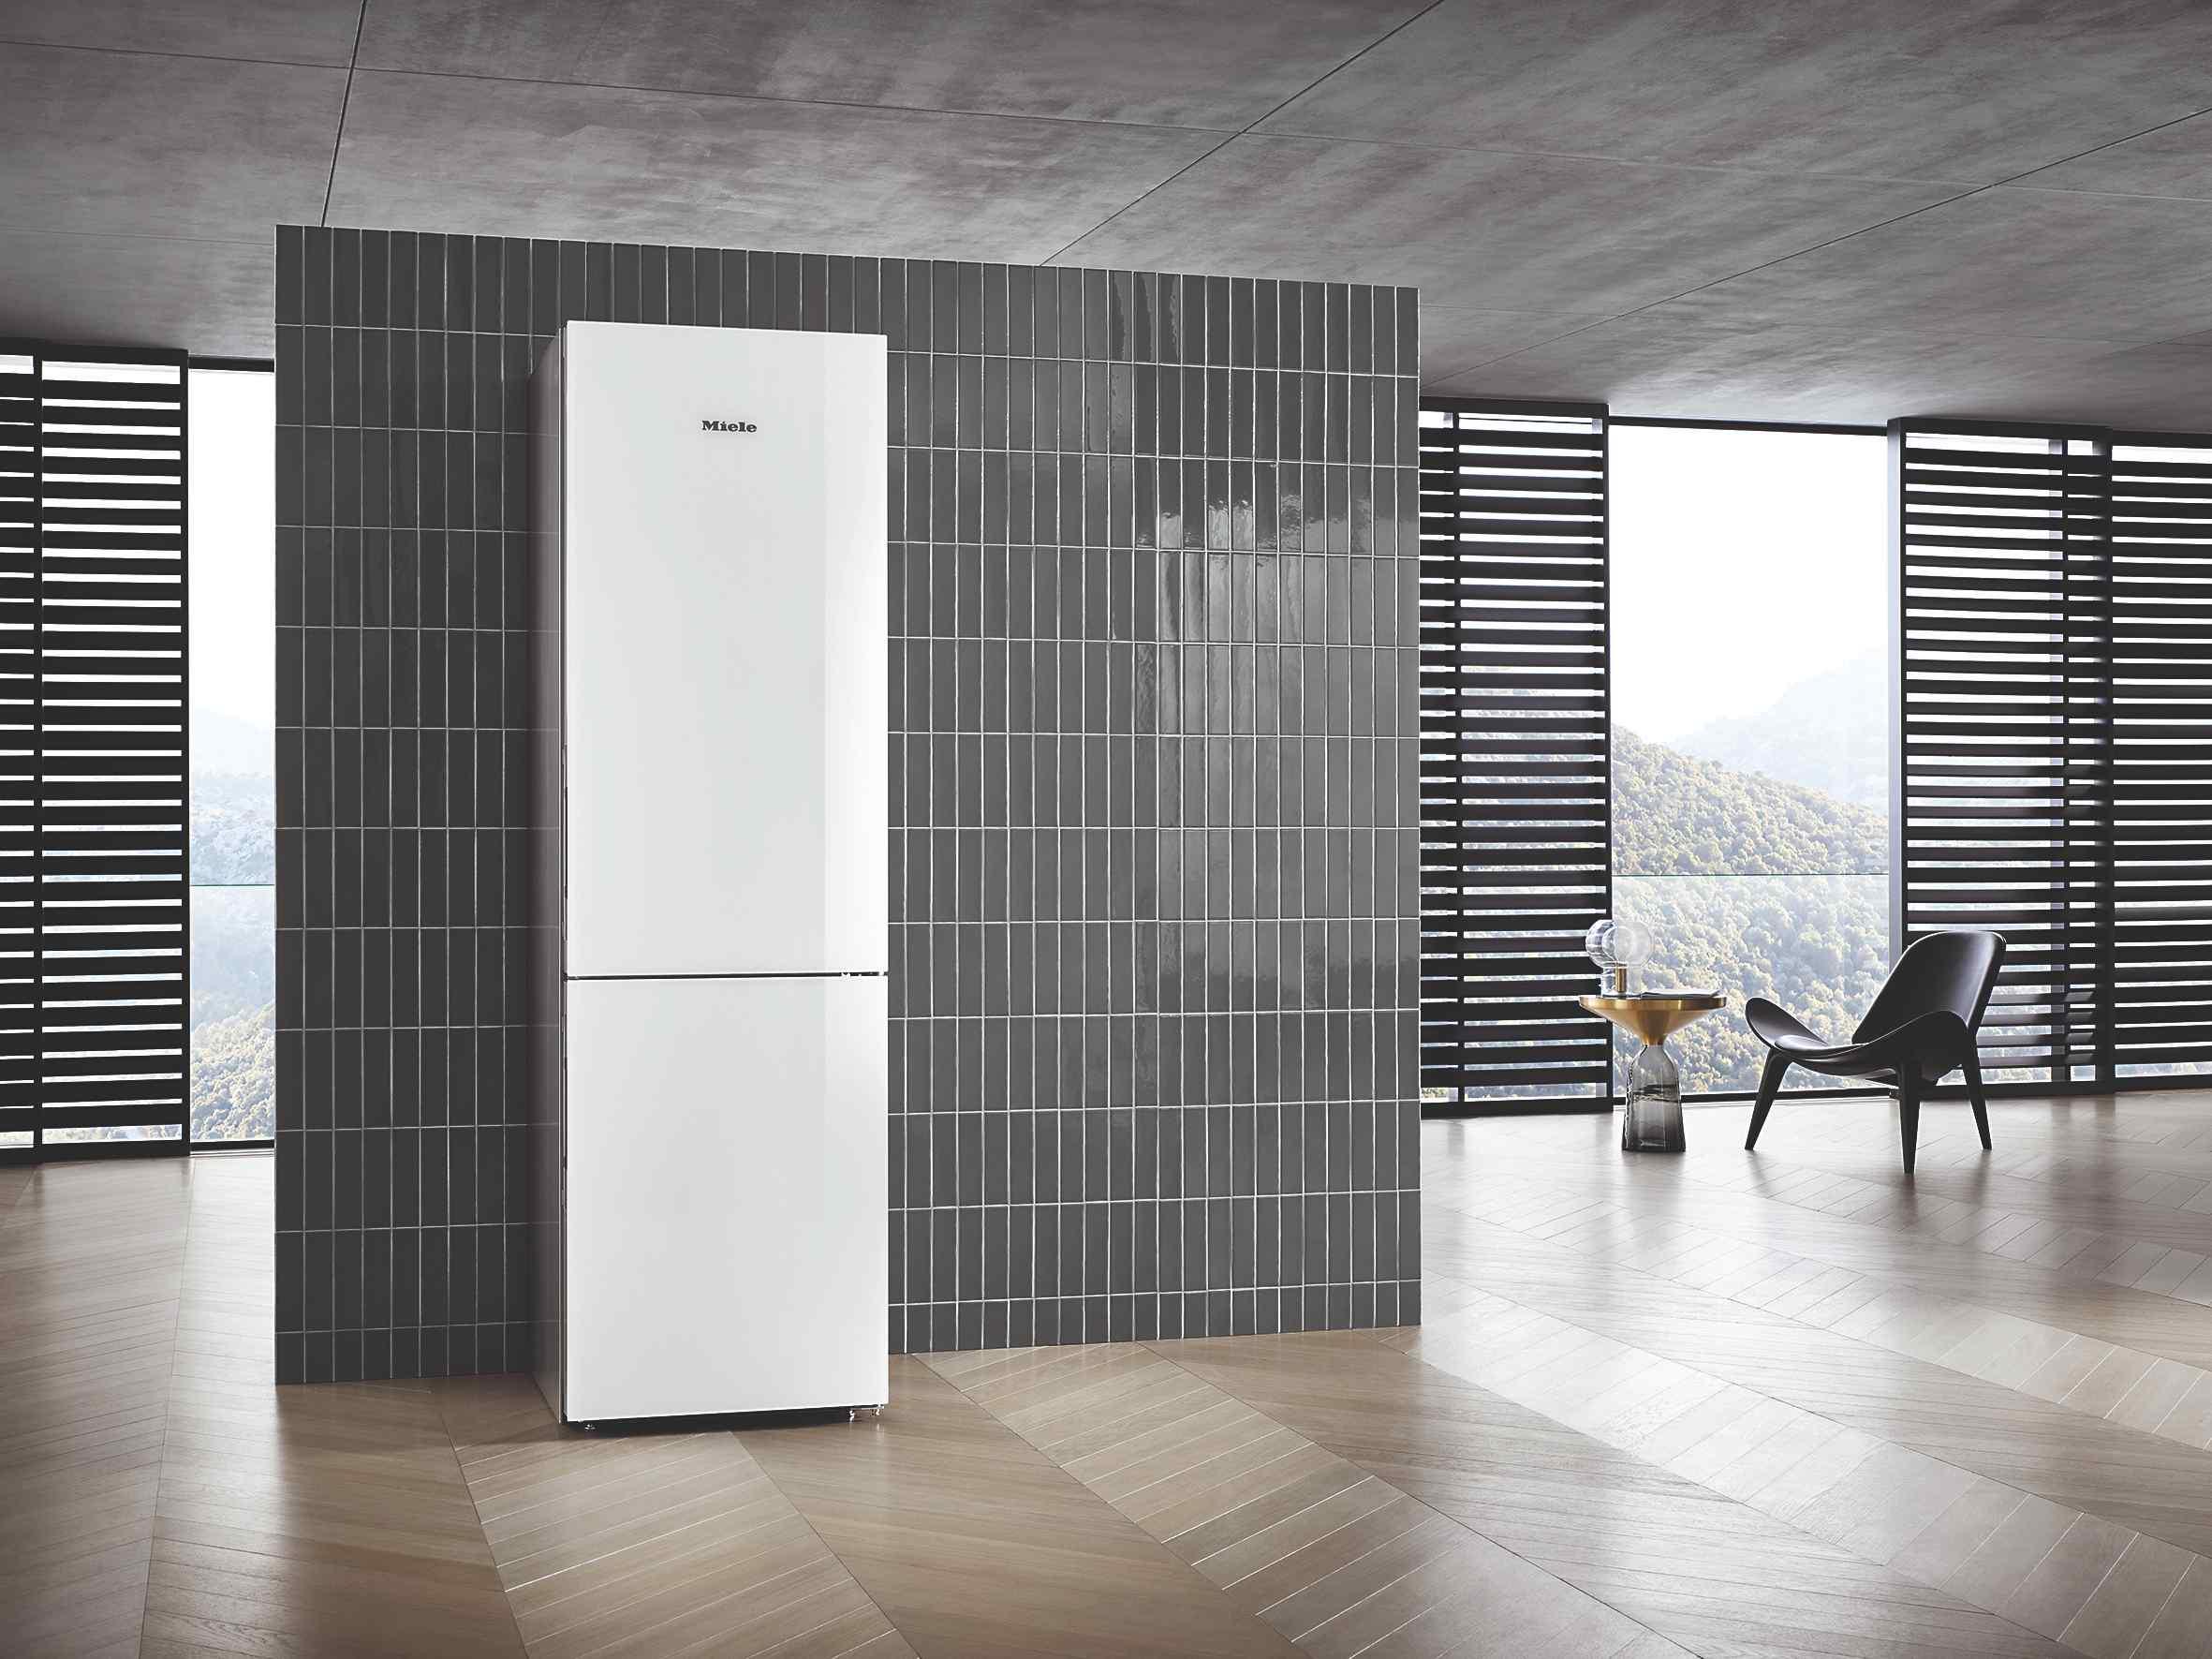 Voľne stojaca biela chladnička, sivý interiér s kachličkami